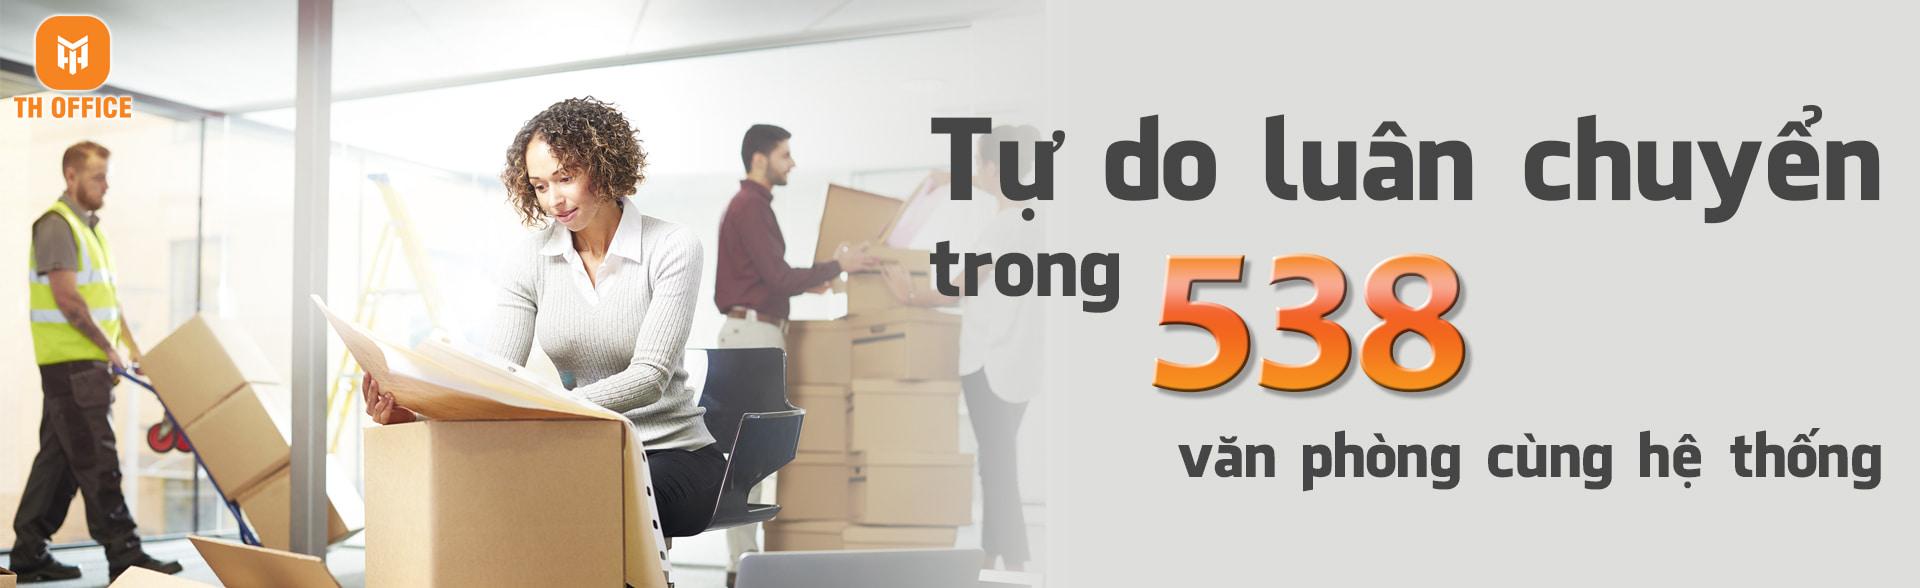 Tự do luân chuyển trong 538 văn phòng cùng hệ thống